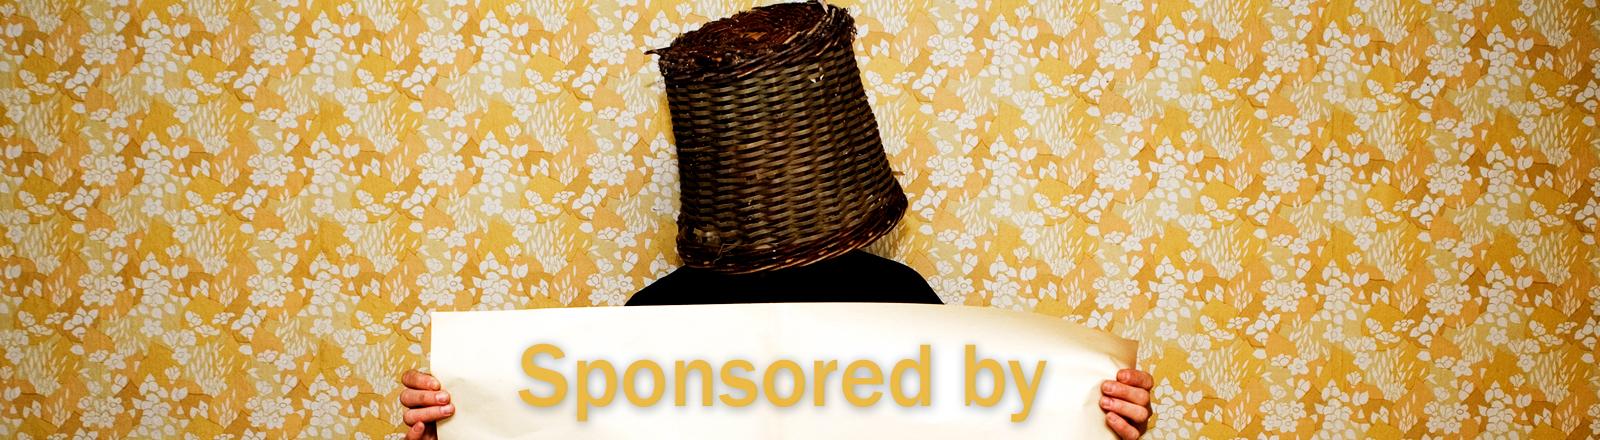 Ein Mann hat einen Papierkorb auf dem Kopf und hält eine Papierrolle auf der sponsored by steht